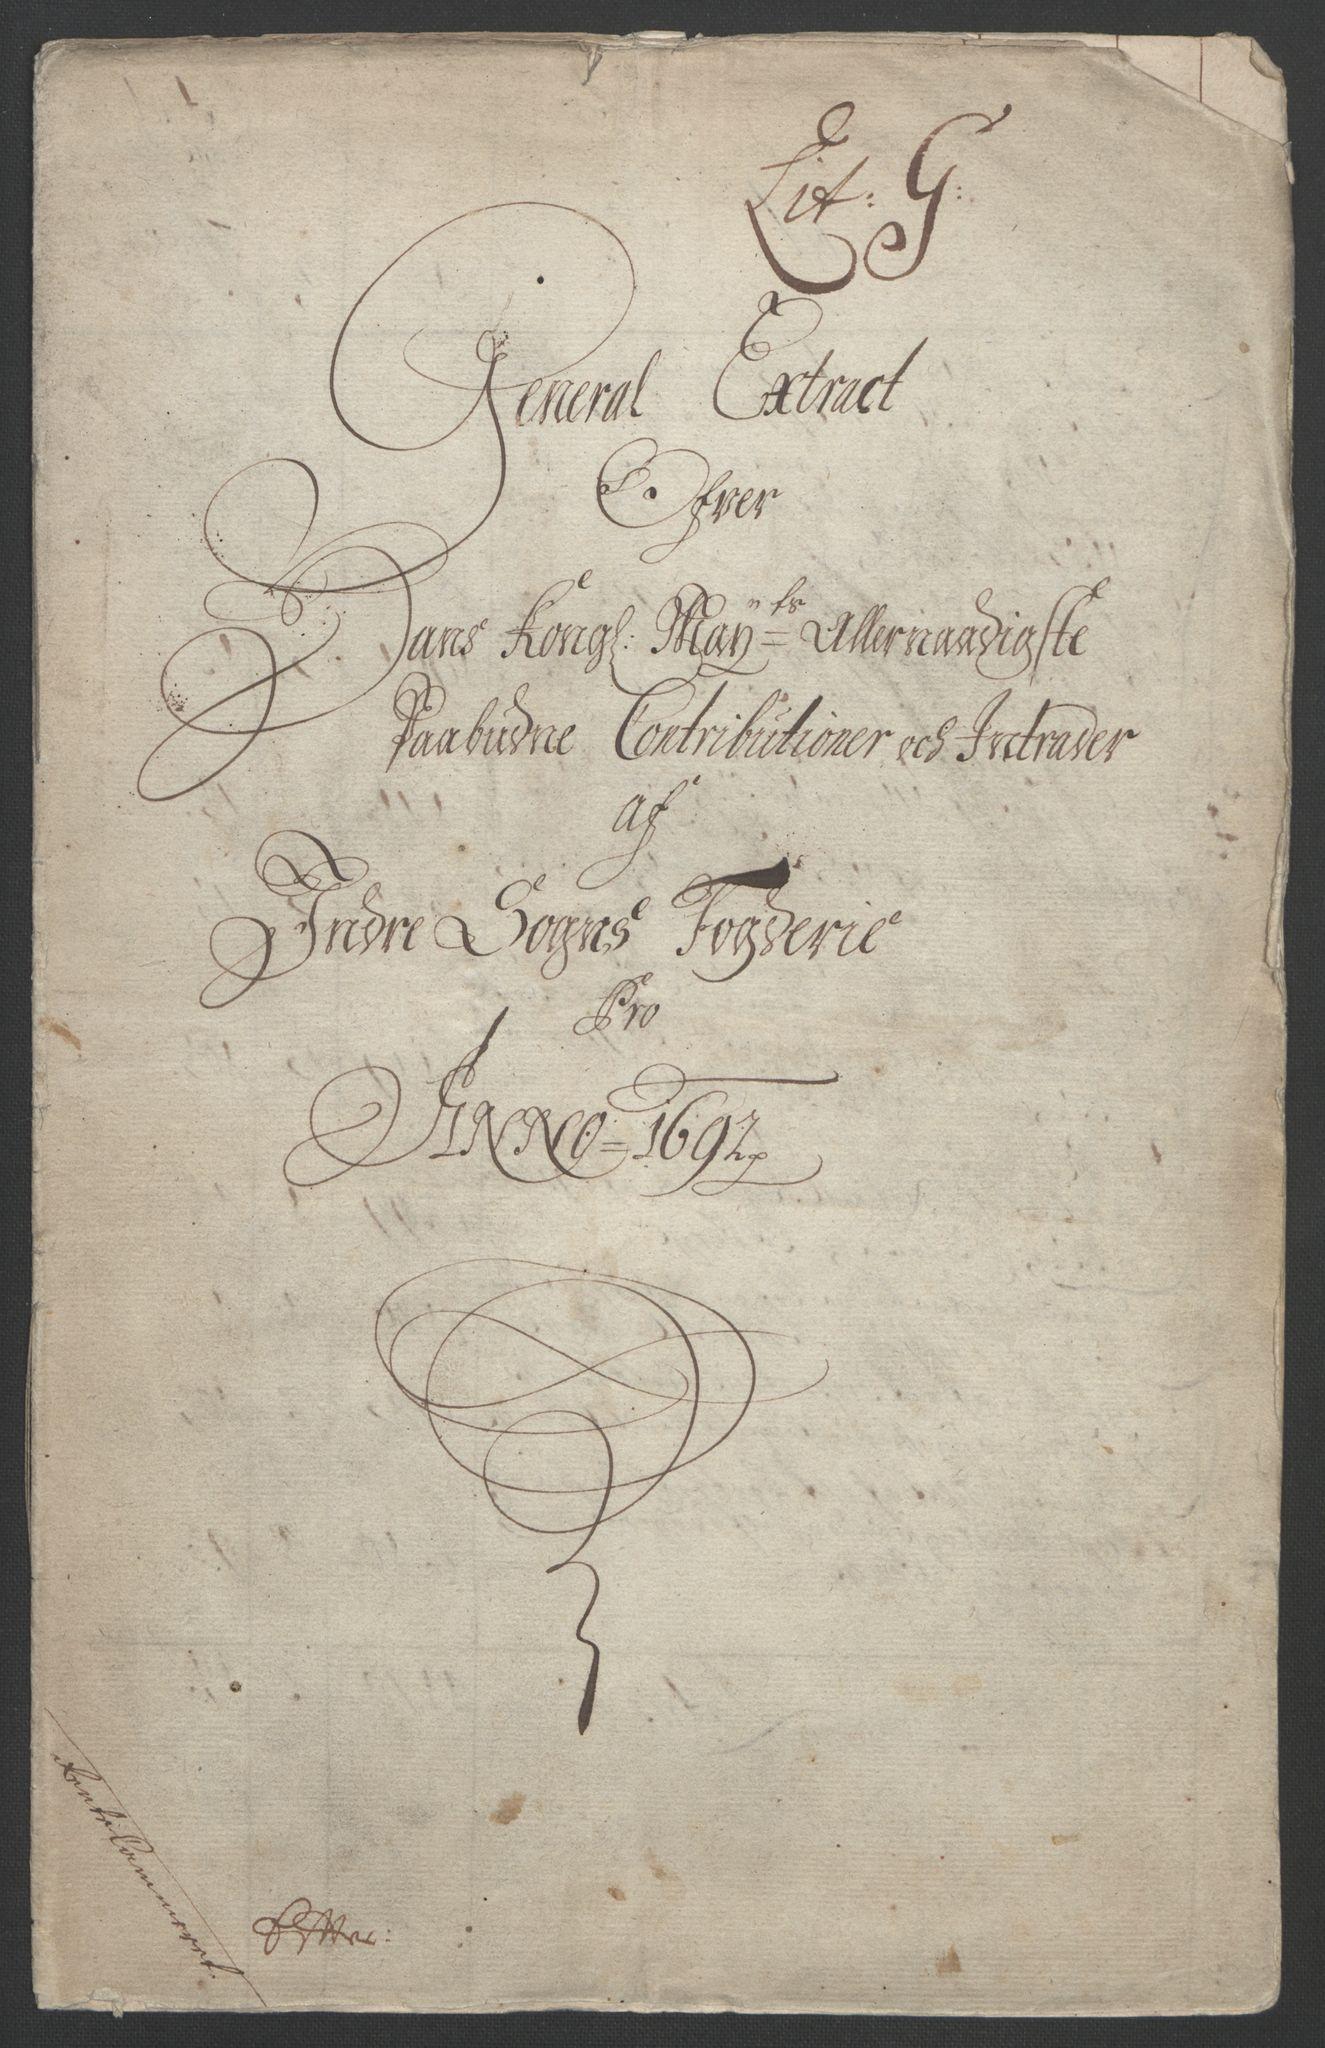 RA, Rentekammeret inntil 1814, Reviderte regnskaper, Fogderegnskap, R52/L3306: Fogderegnskap Sogn, 1691-1692, s. 106